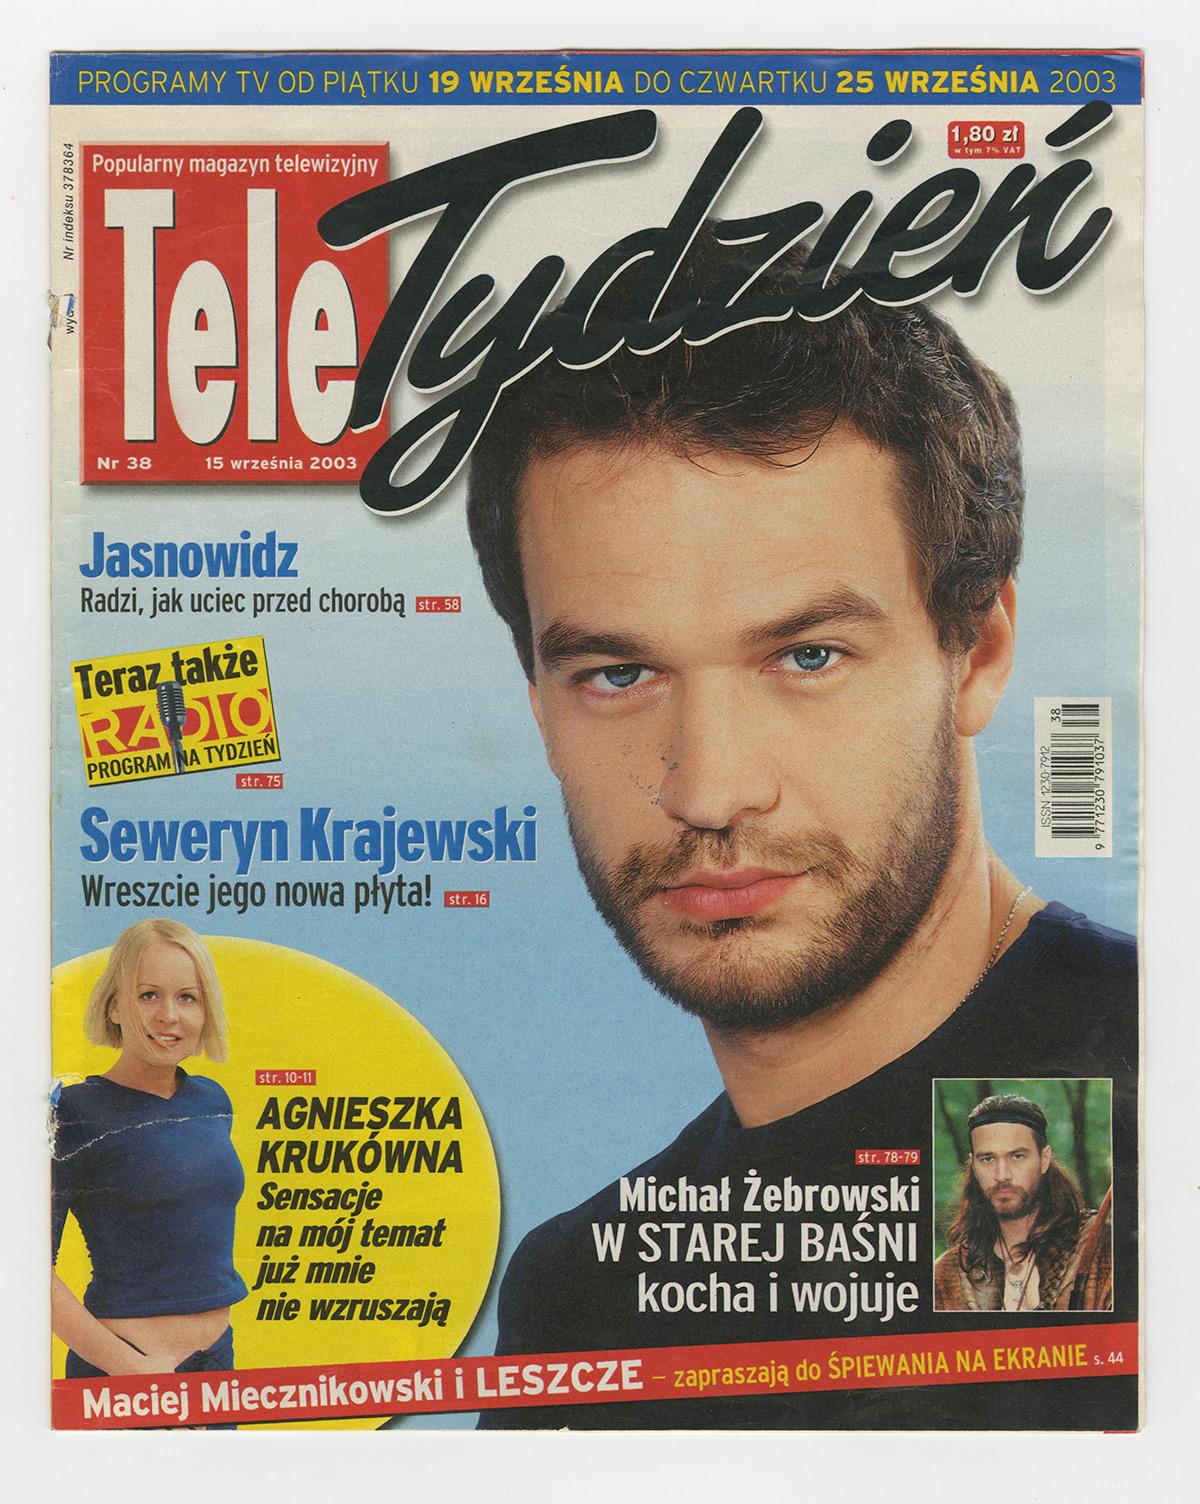 1991-2003-Tele_tydzien_2003_A_jednak_jestem_01